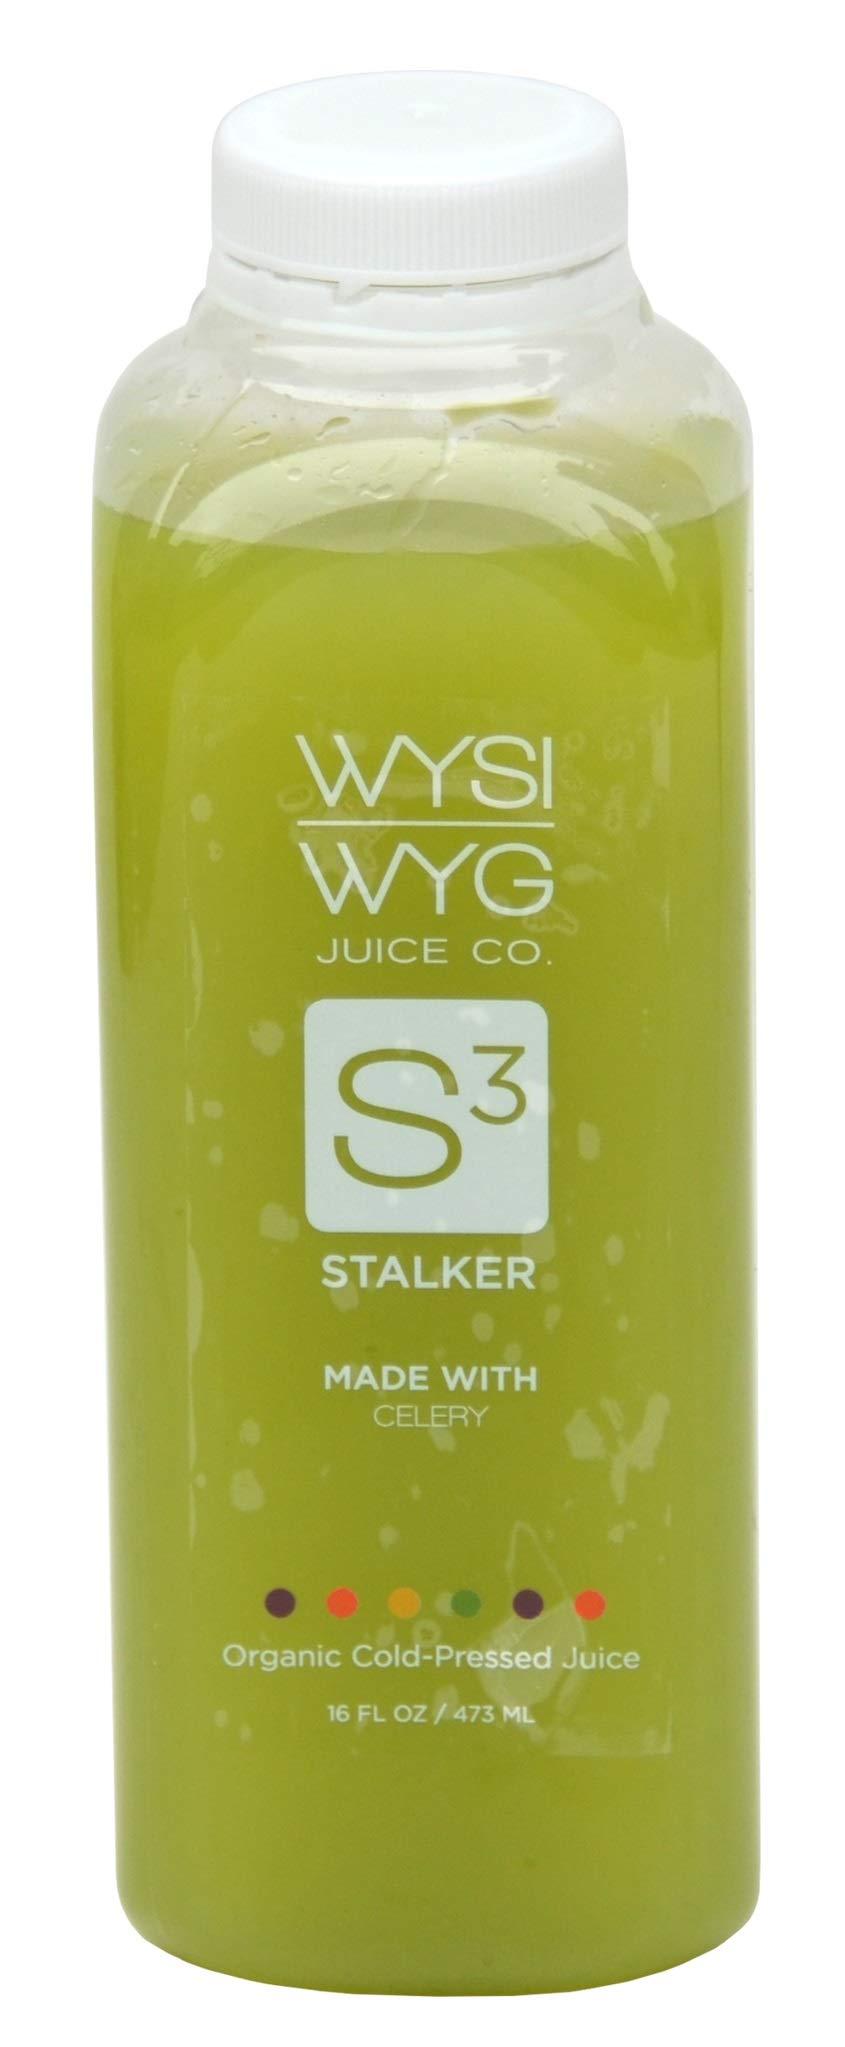 WYSIWYG Cold Pressed Celery Juice (6 Pack 12oz) by WYSIWYG Juice Co.